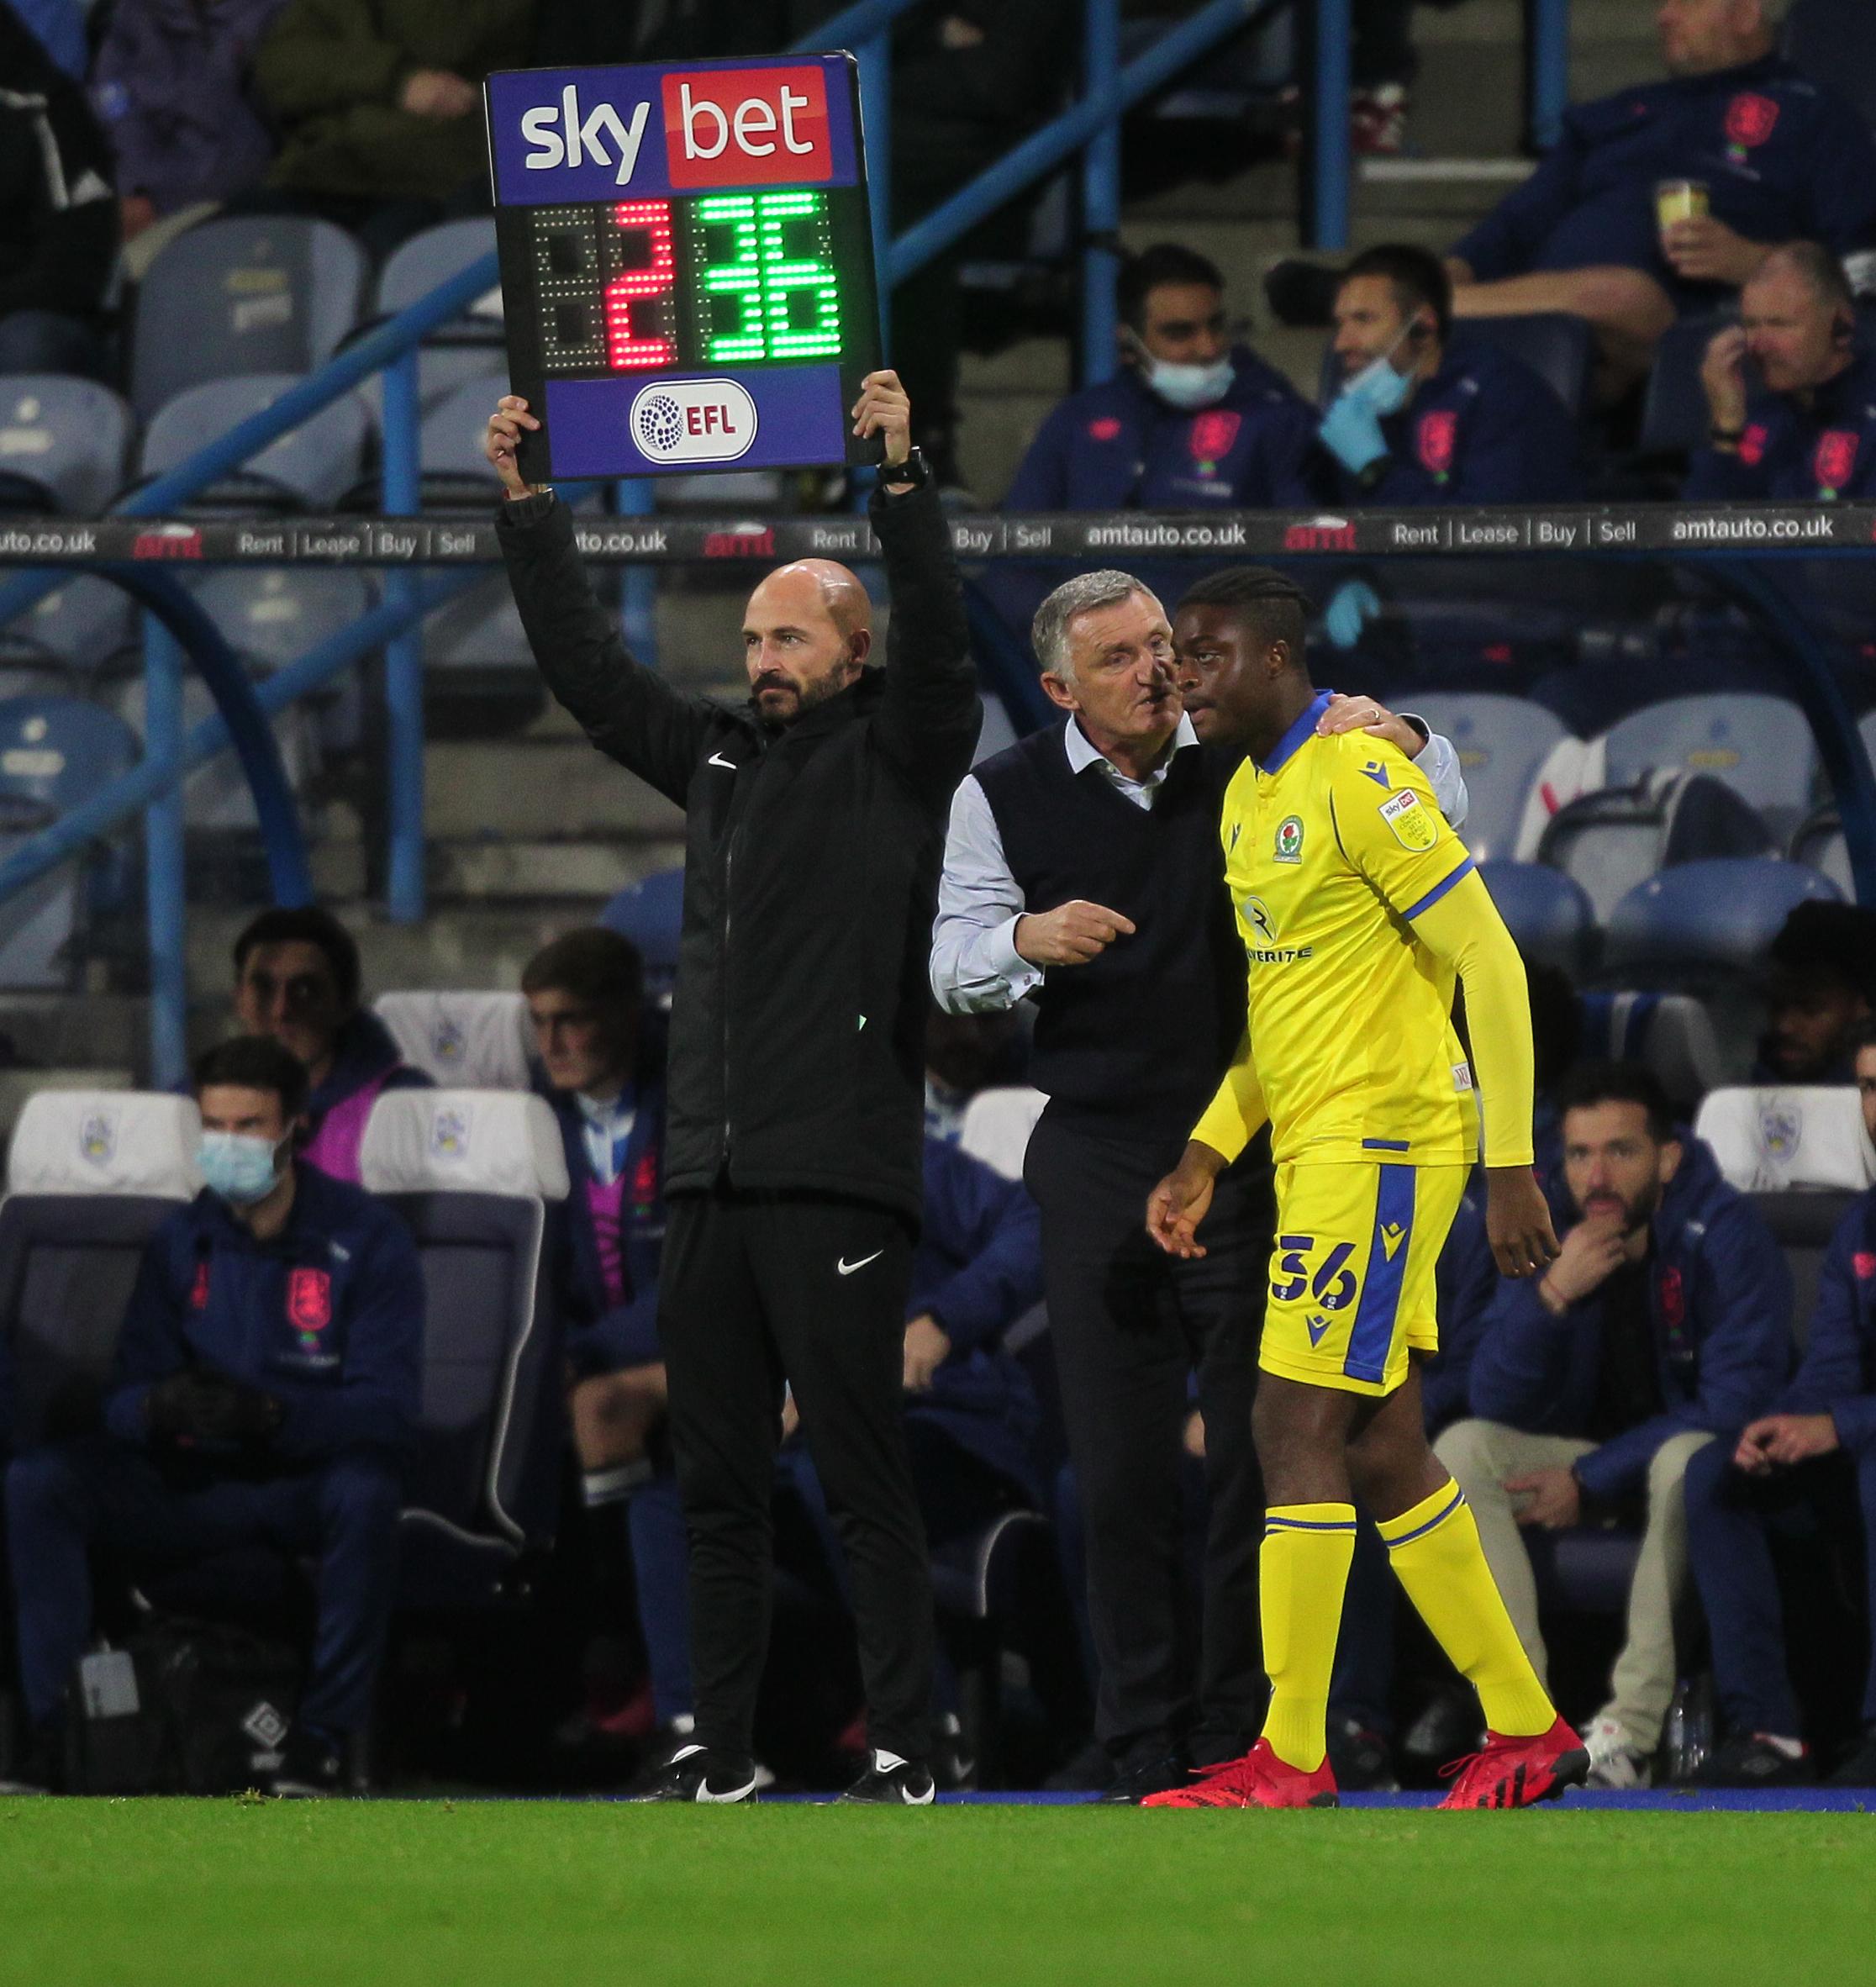 Primera prueba del equipo de Blackburn Rovers con foco en el negocio de transferencias